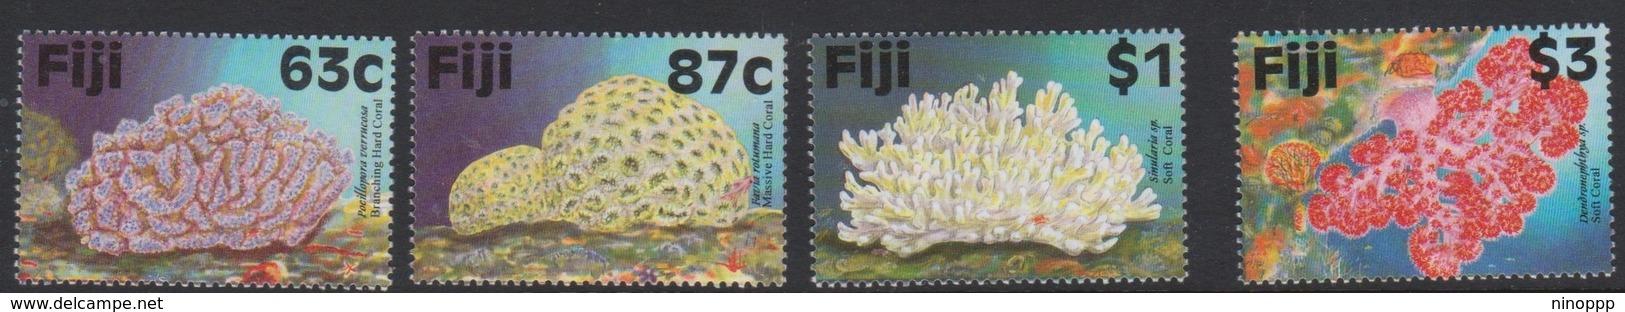 Fiji SG 982-985 1997 Reef Corals, Mint Never Hinged - Fiji (1970-...)